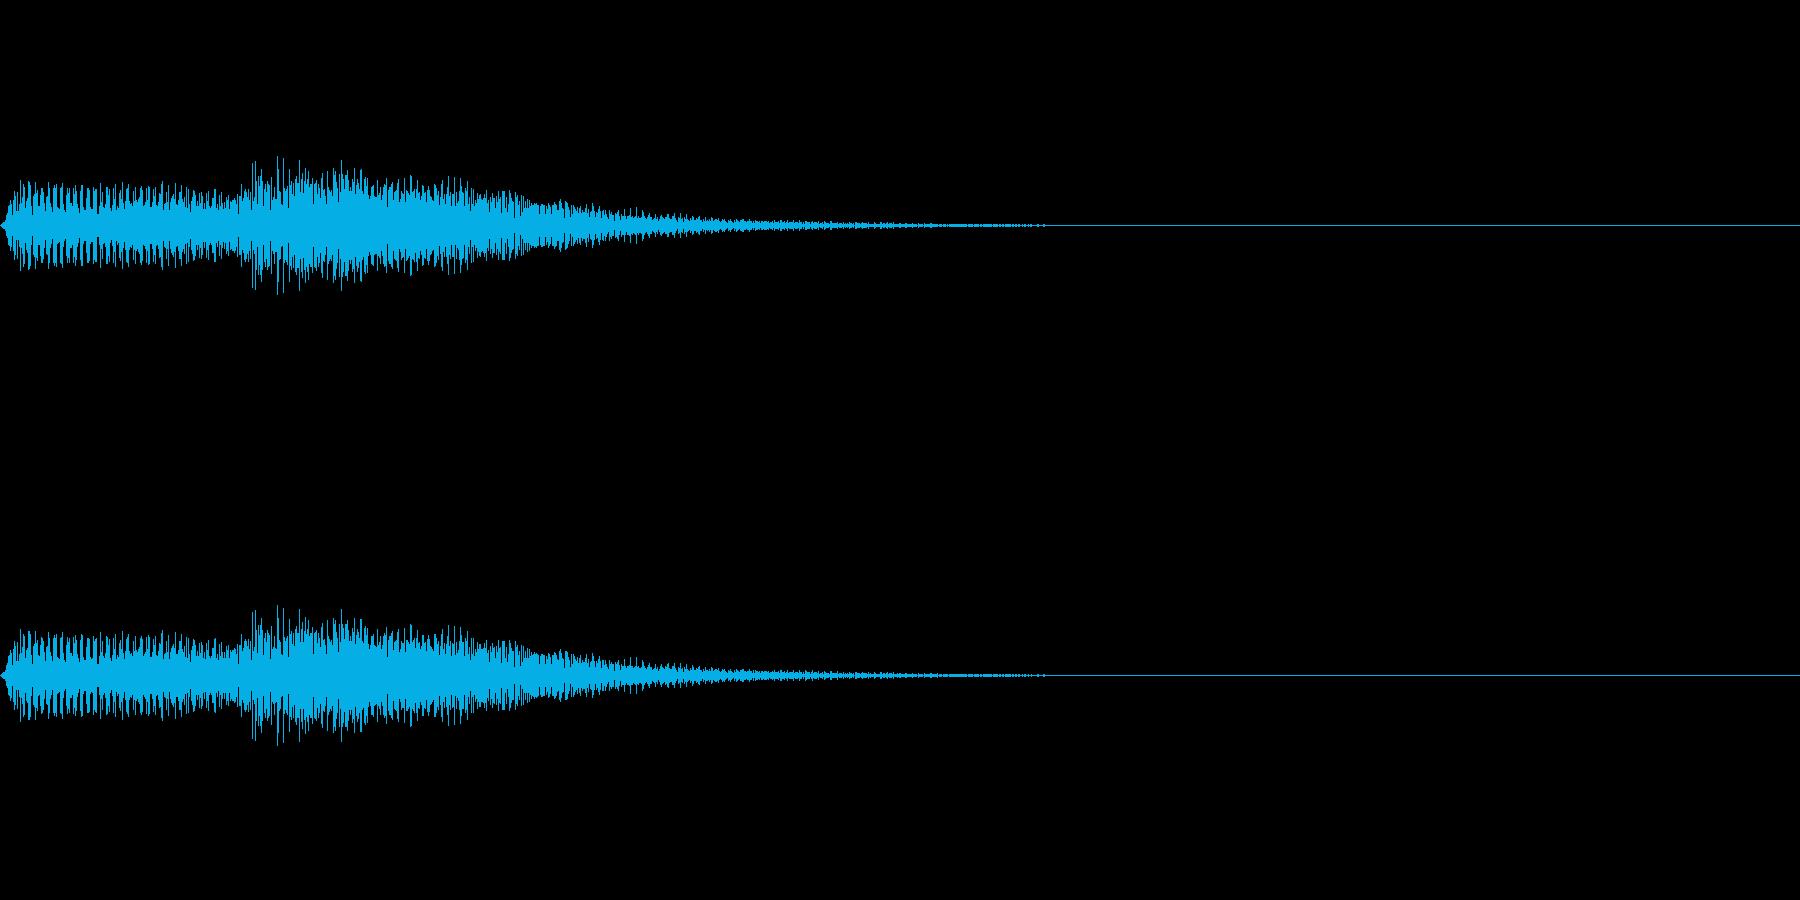 タタン(ピアノのエラー音)の再生済みの波形